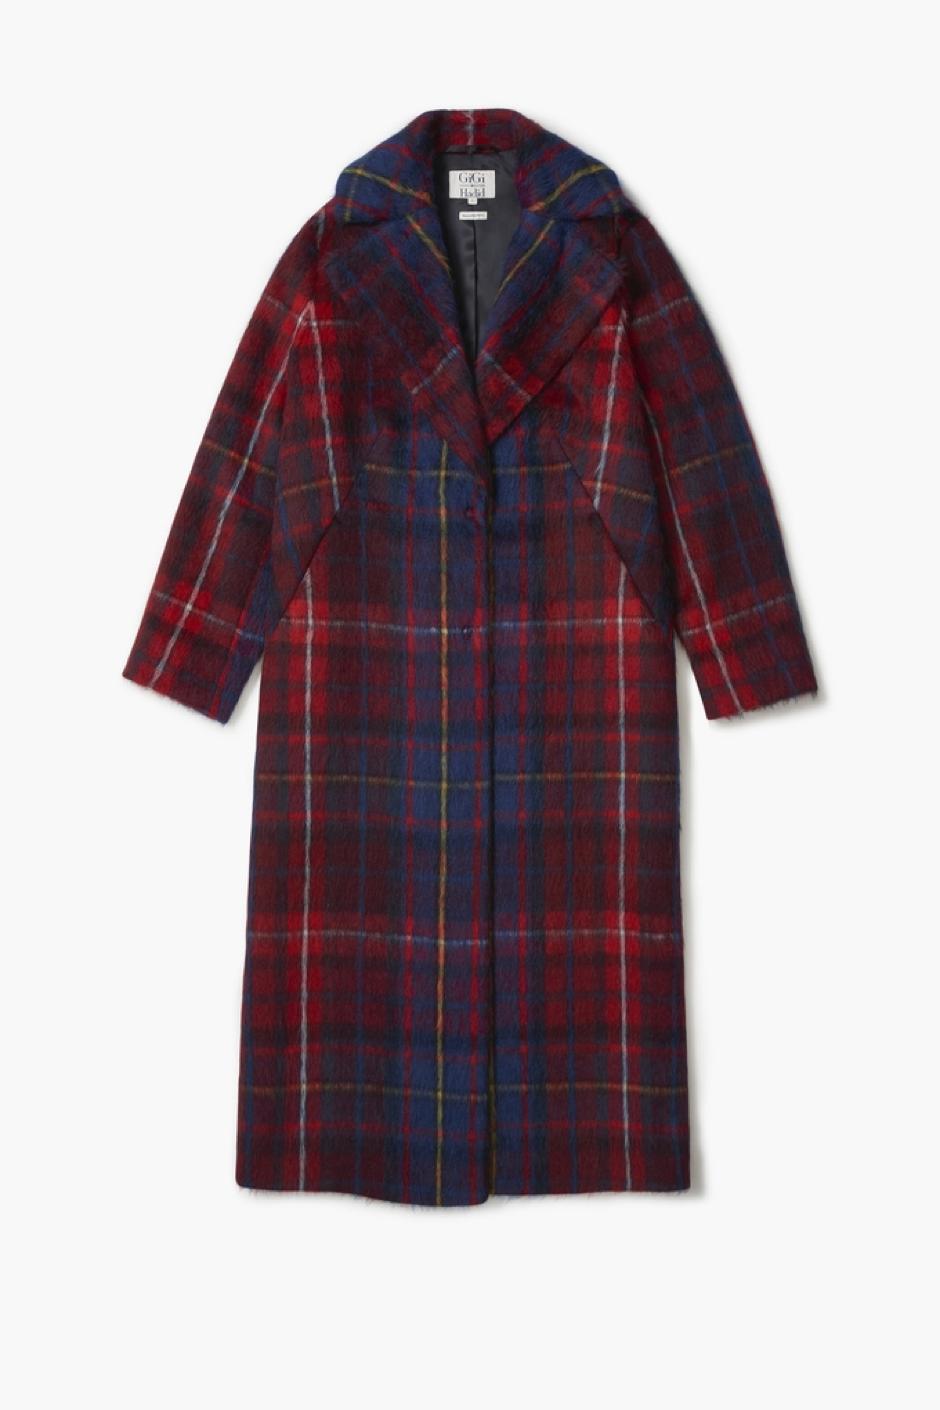 plaid coat options 5.png